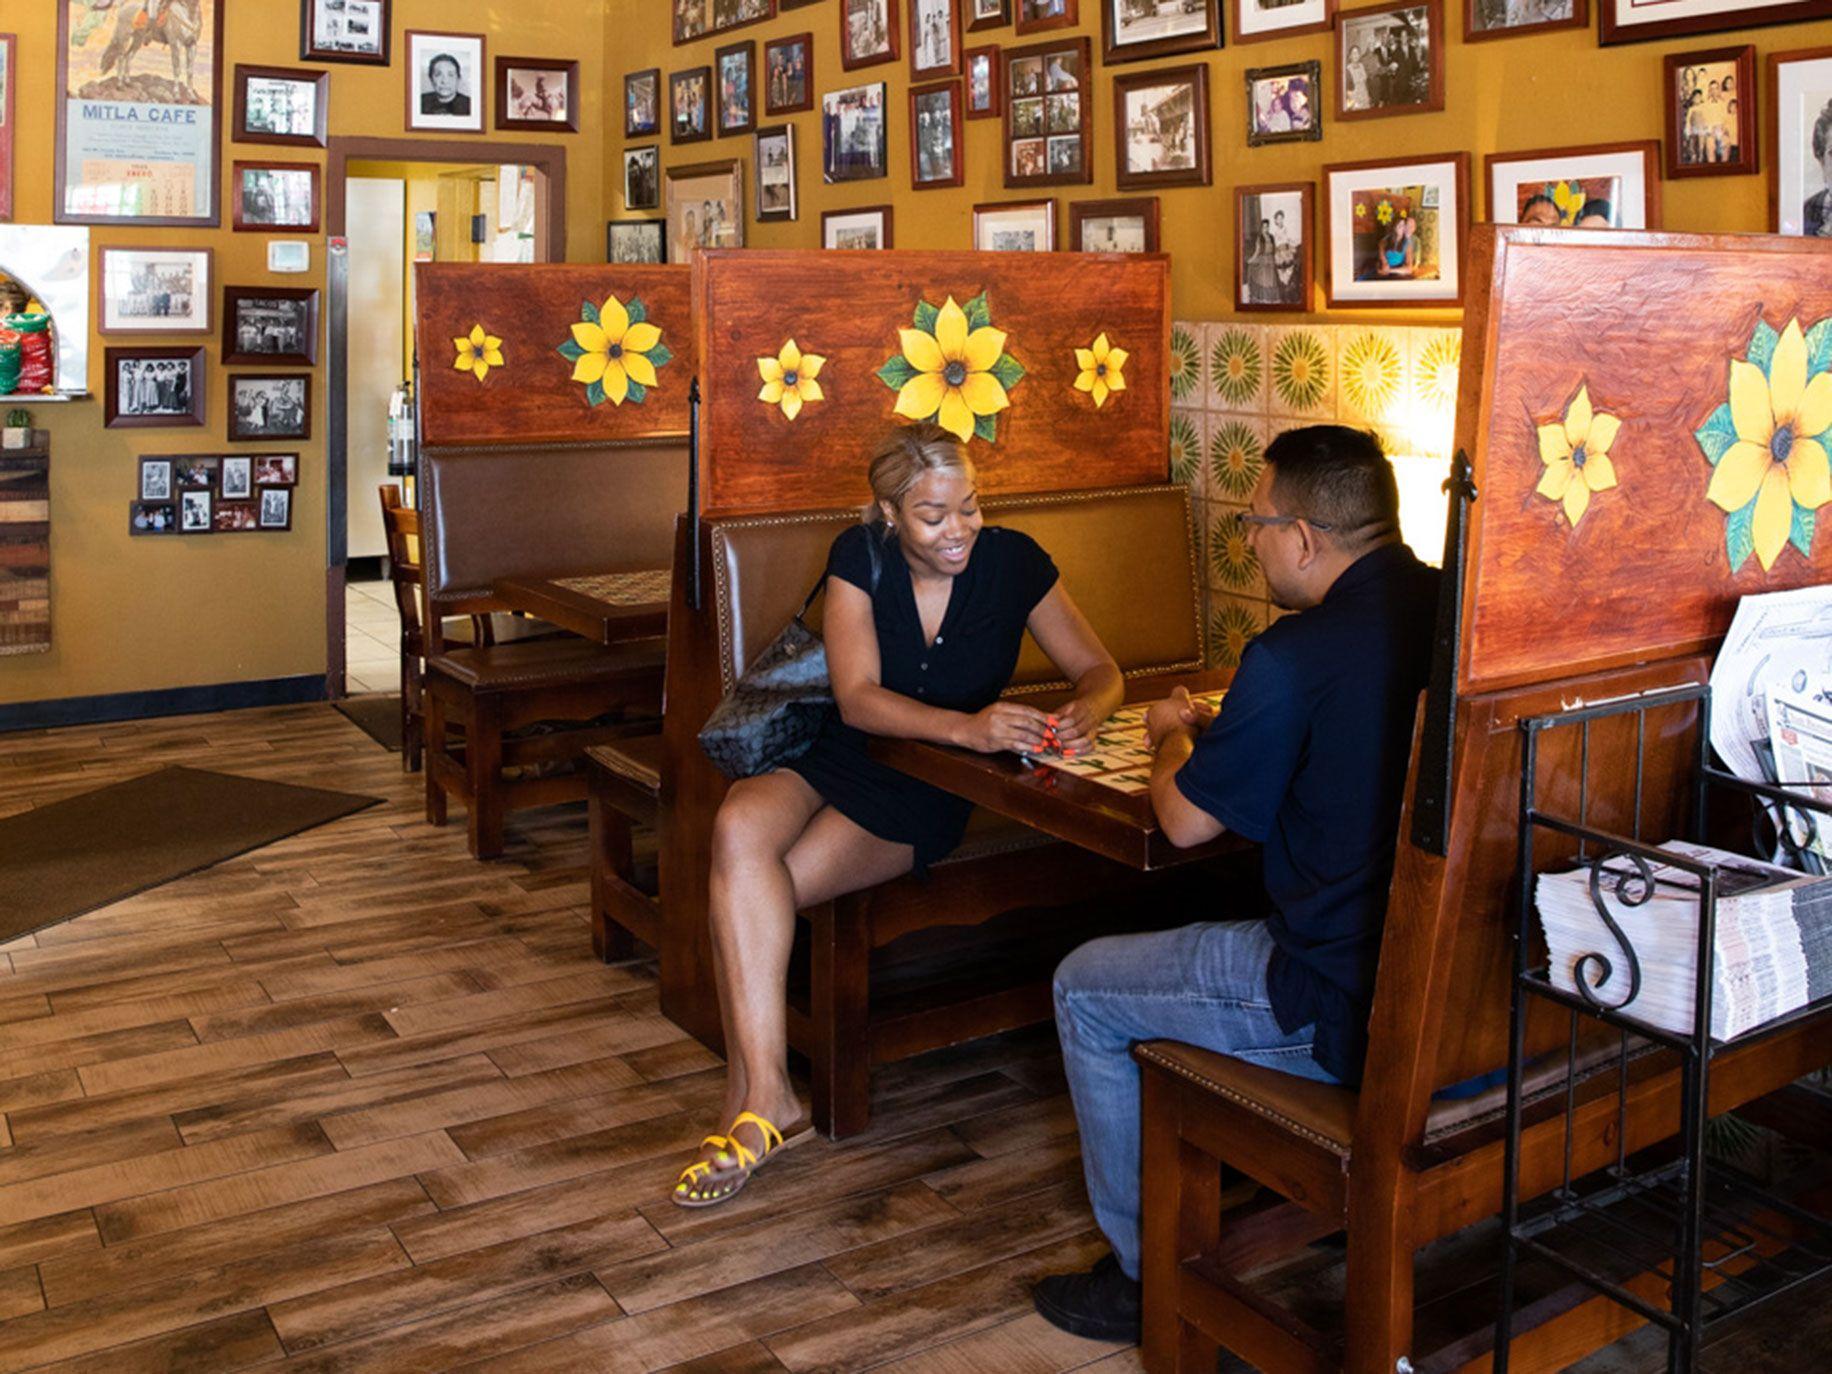 Mitla Cafe